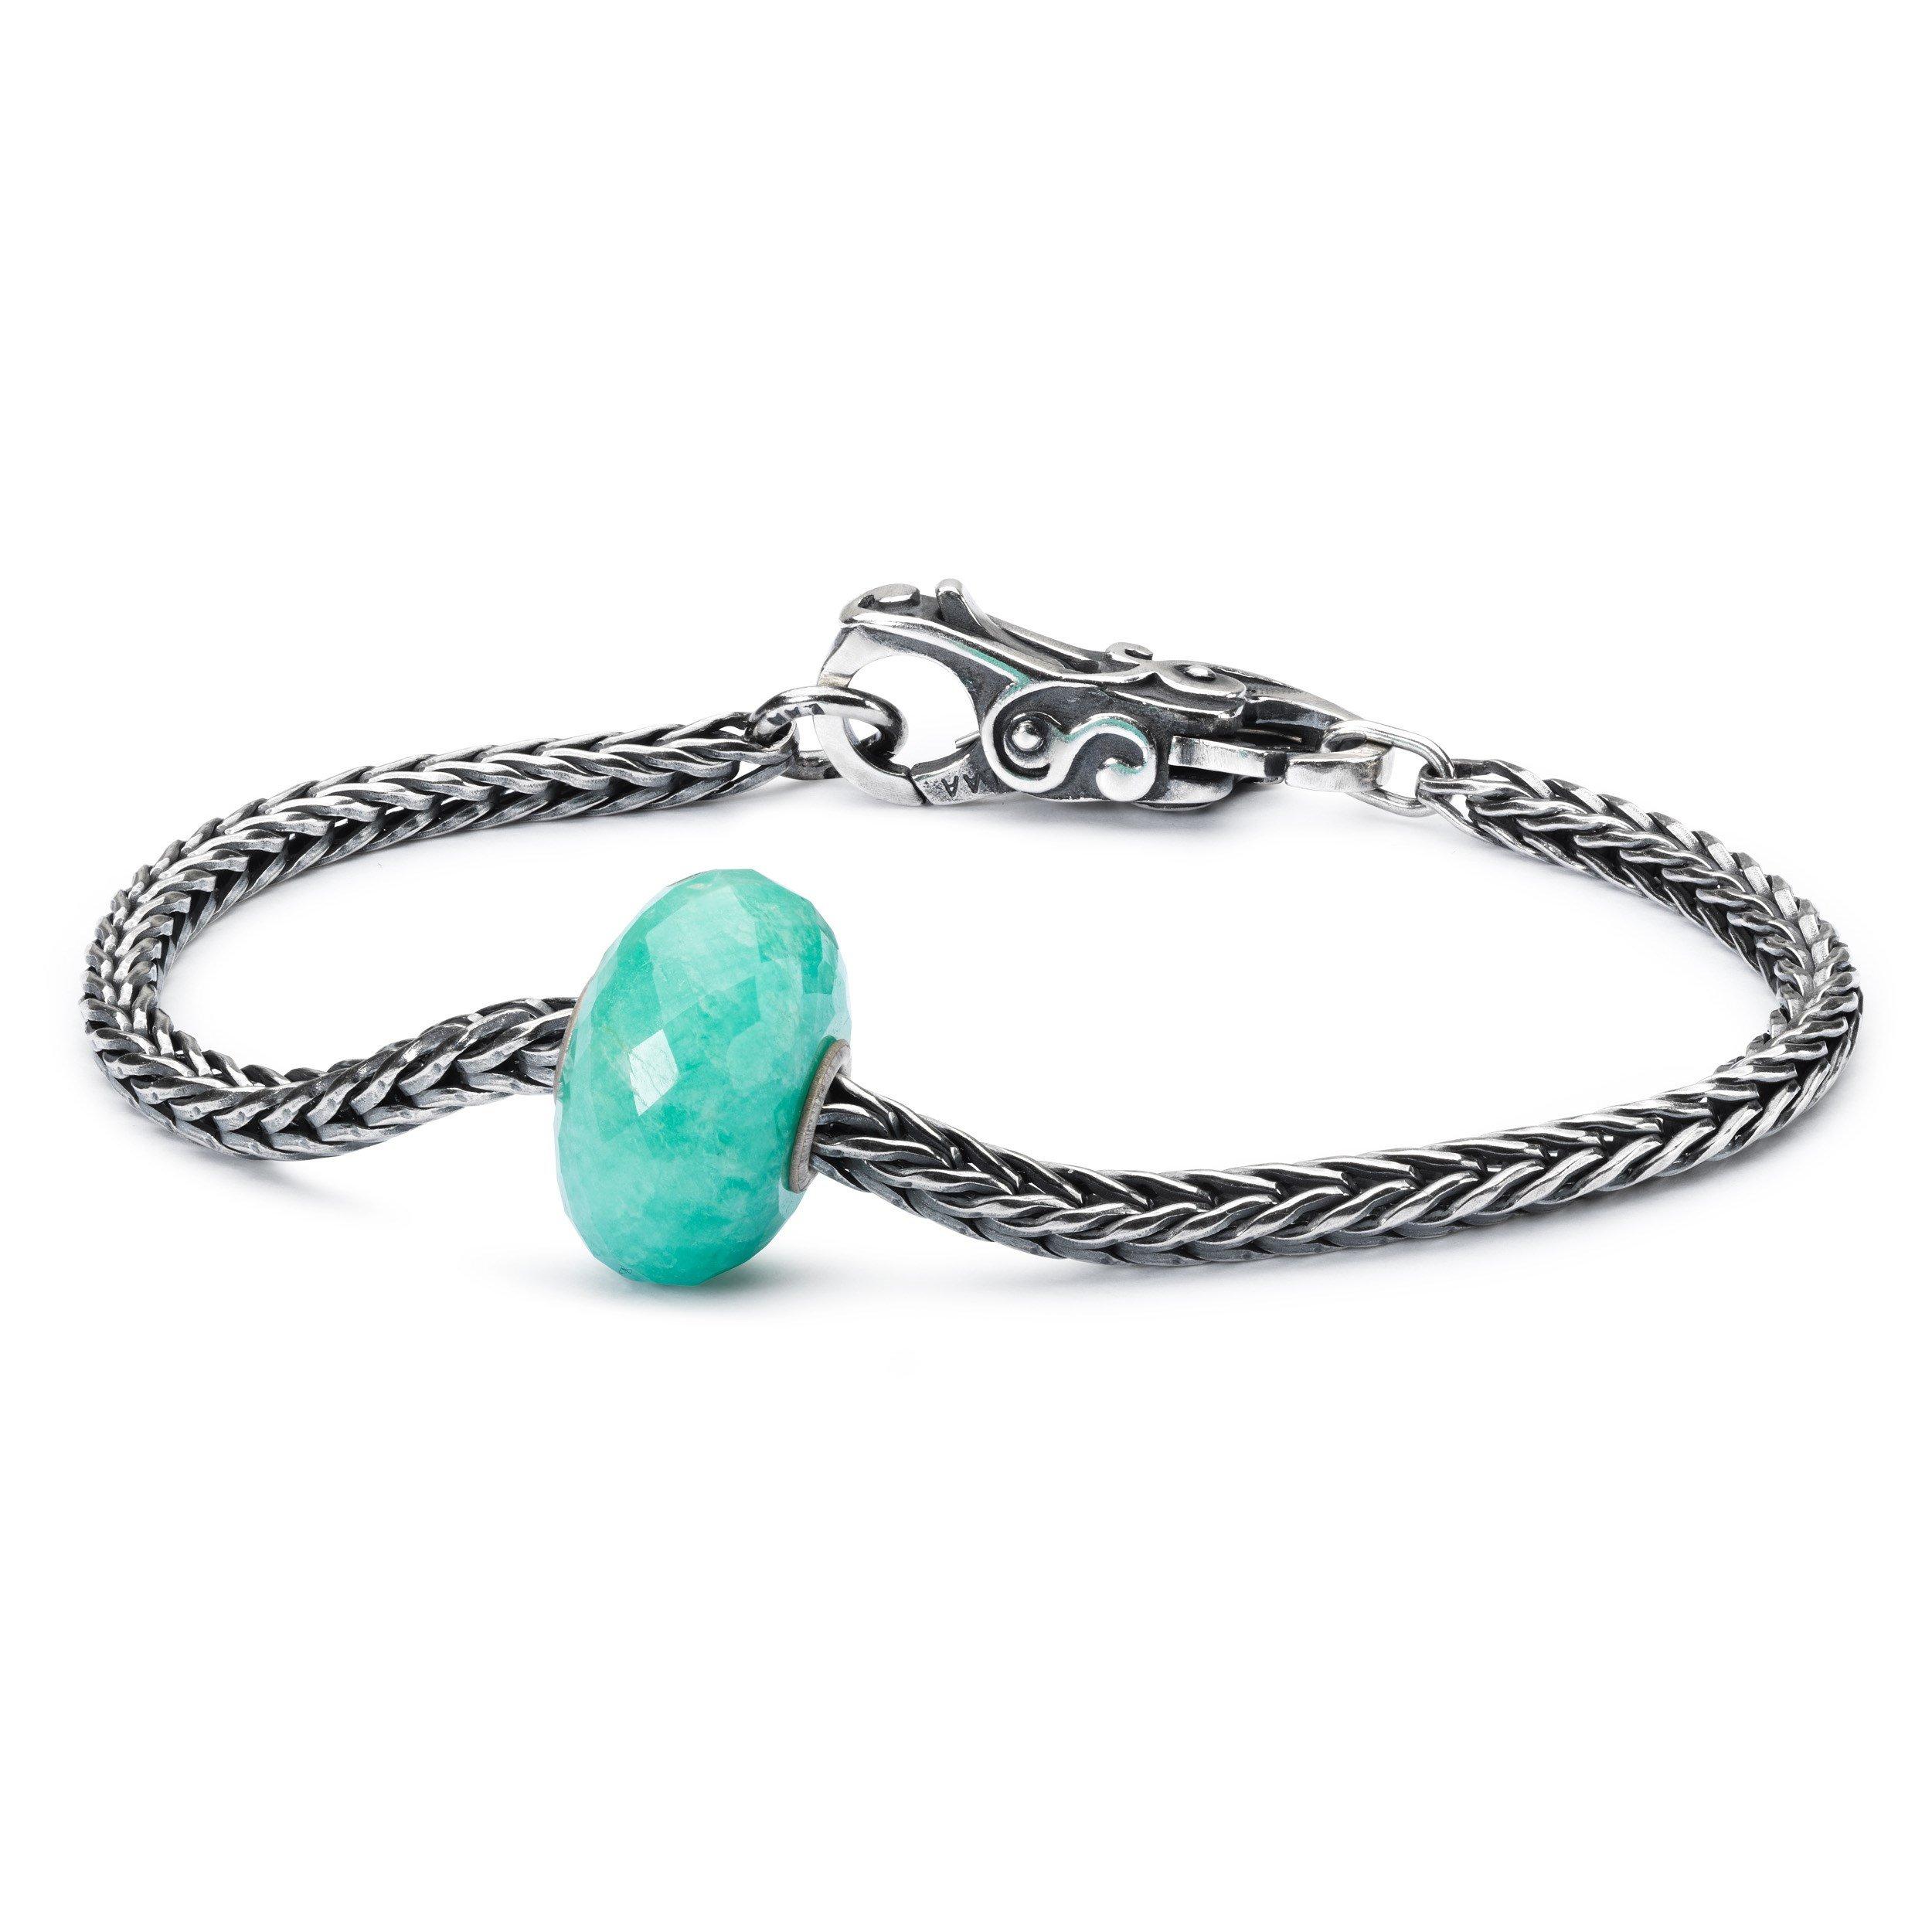 Trollbeads 925 Minty Macaroon Amazonite Bead Sterling Silver Bracelet, 19cm